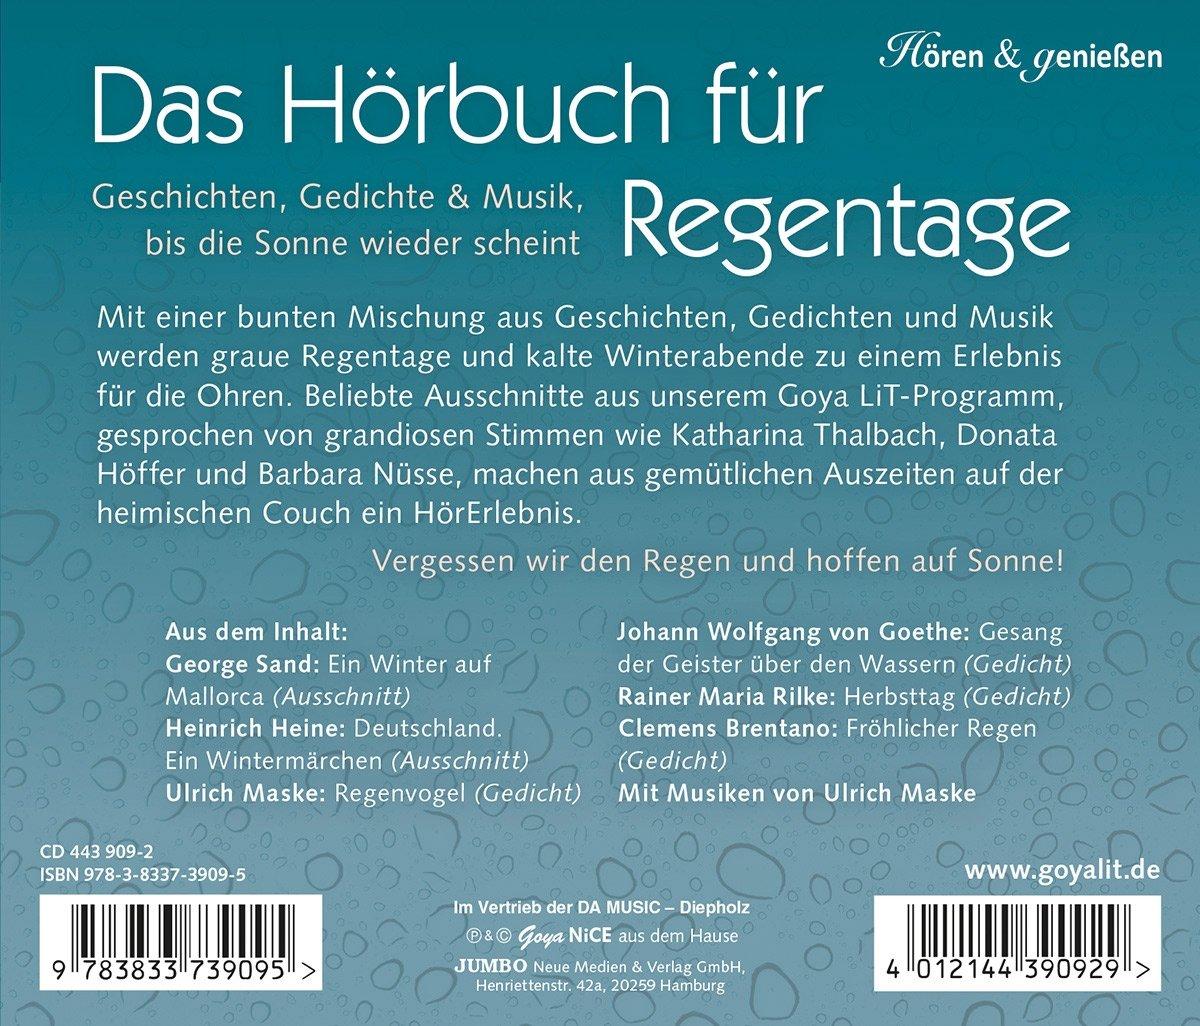 Various Das Hörbuch Für Regentagegeschichten Gedichte